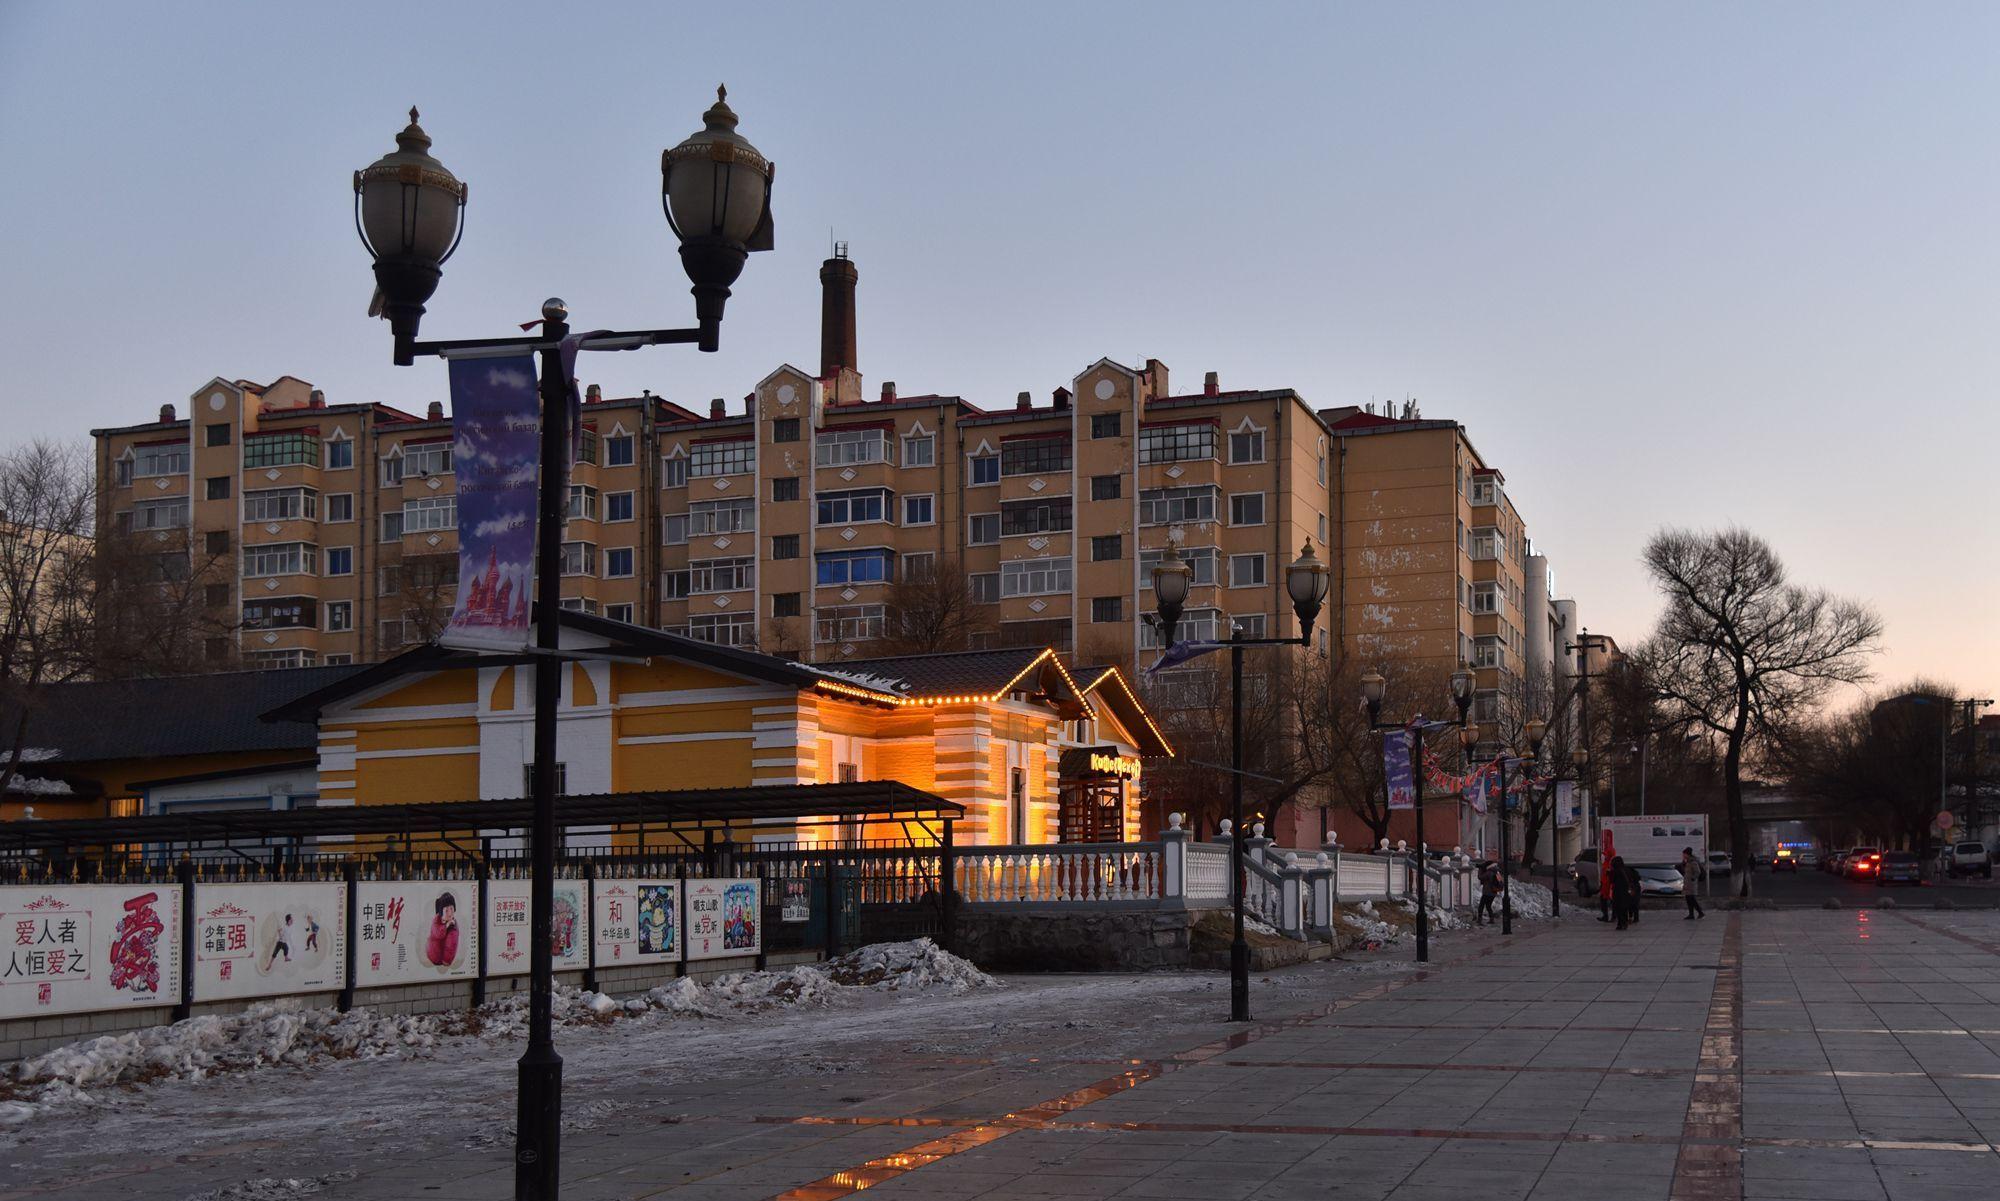 绥芬河有家咖啡馆,与文学家契诃夫同名,会是啥样?